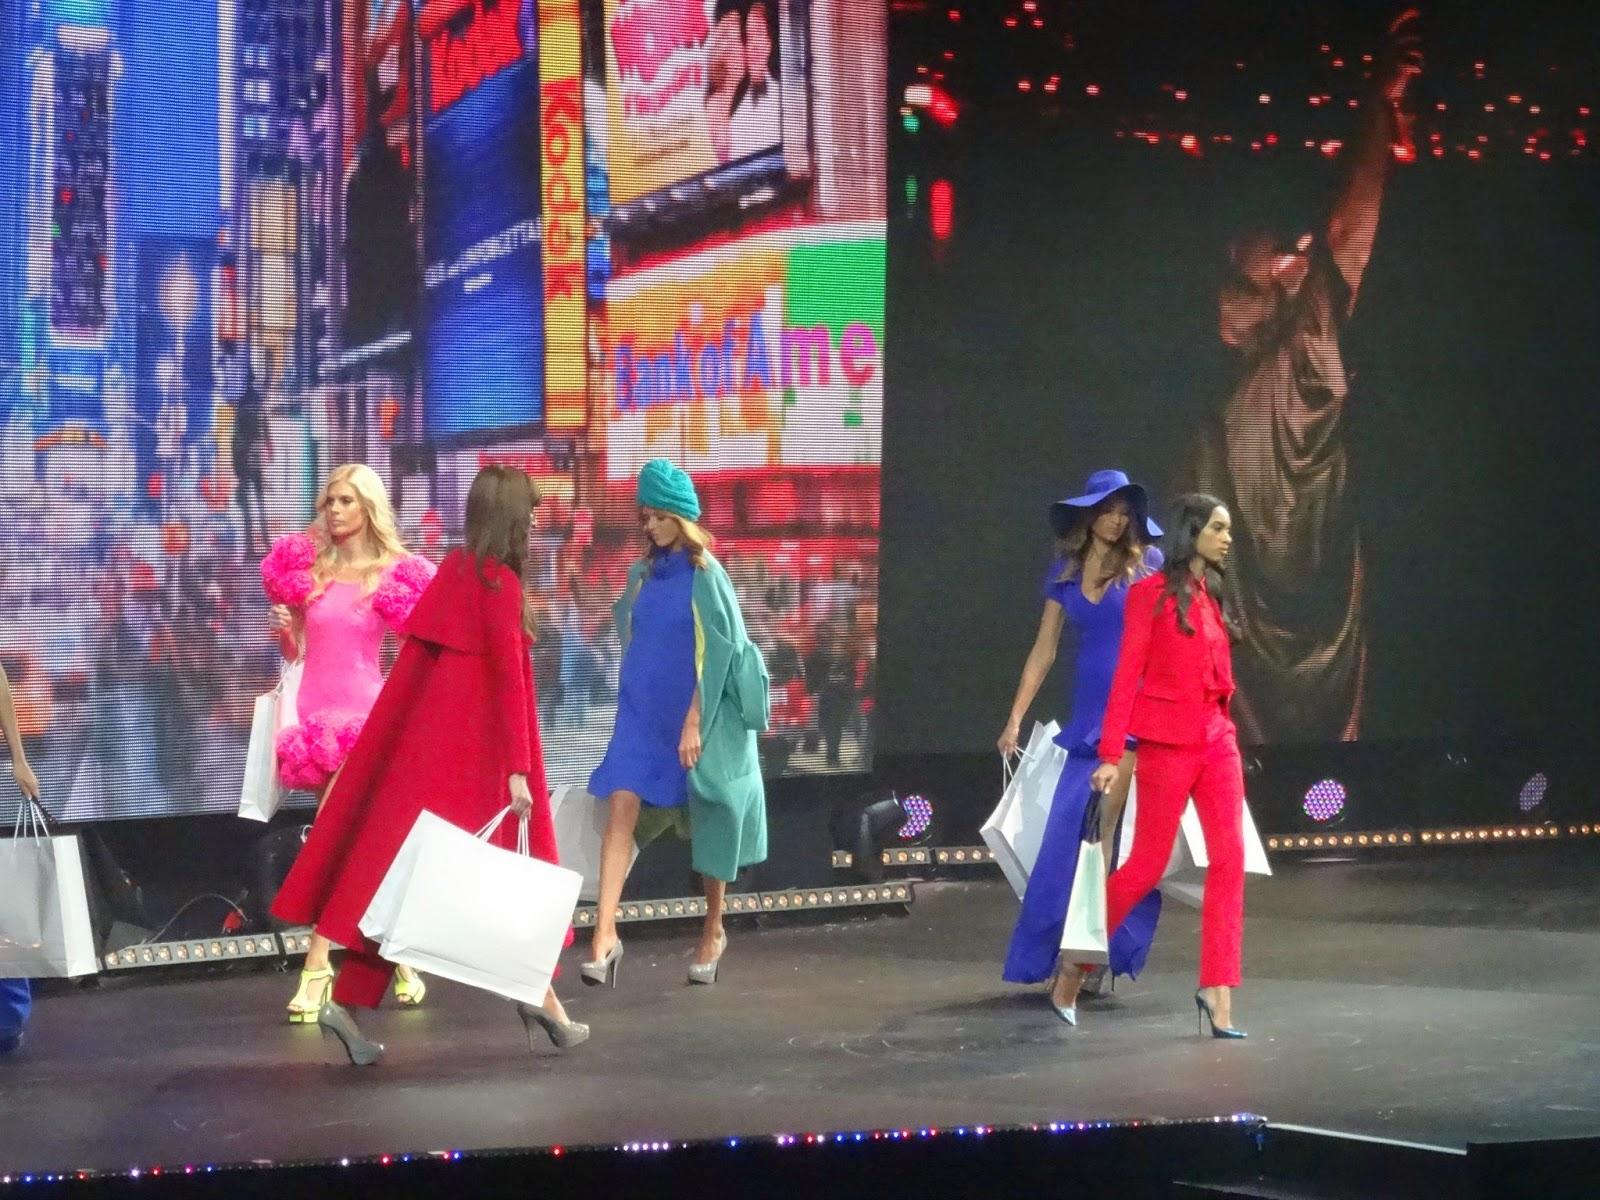 The Clothes Show in Birmingham Alcatel Fashion Theatre